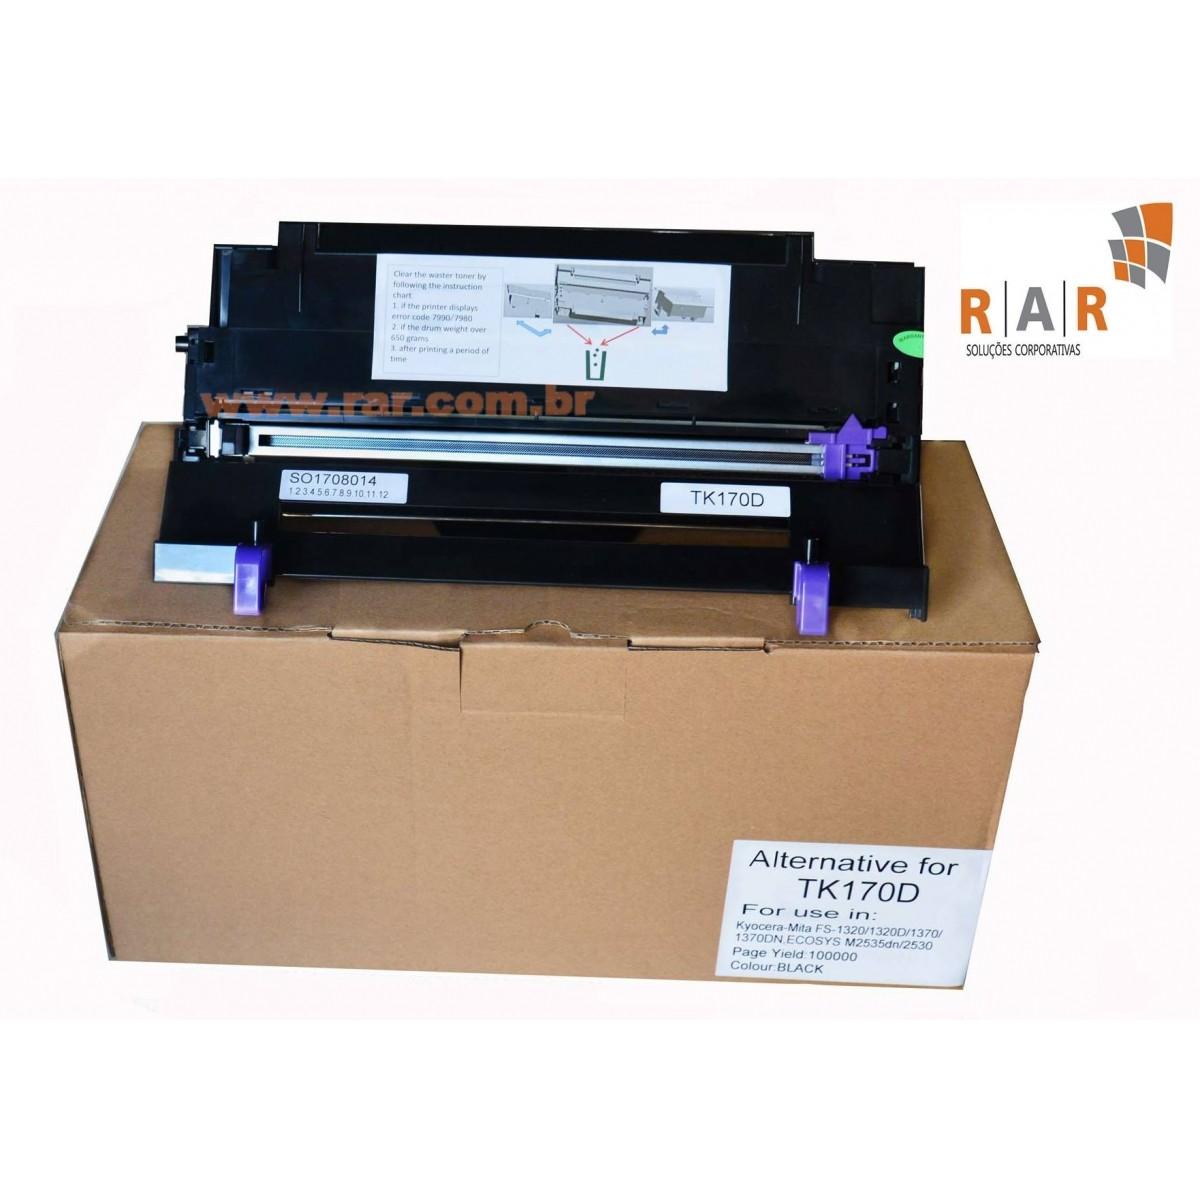 DK170 / DK-170 / 302LZ93061 / 302LZ93060  - UNIDADE DE IMAGEM COMPATIVEL NOVA PARA  KYOCERA KM2810 / KM2820/ FS1035 /ECOSYS M2035/M2535 E SERIES